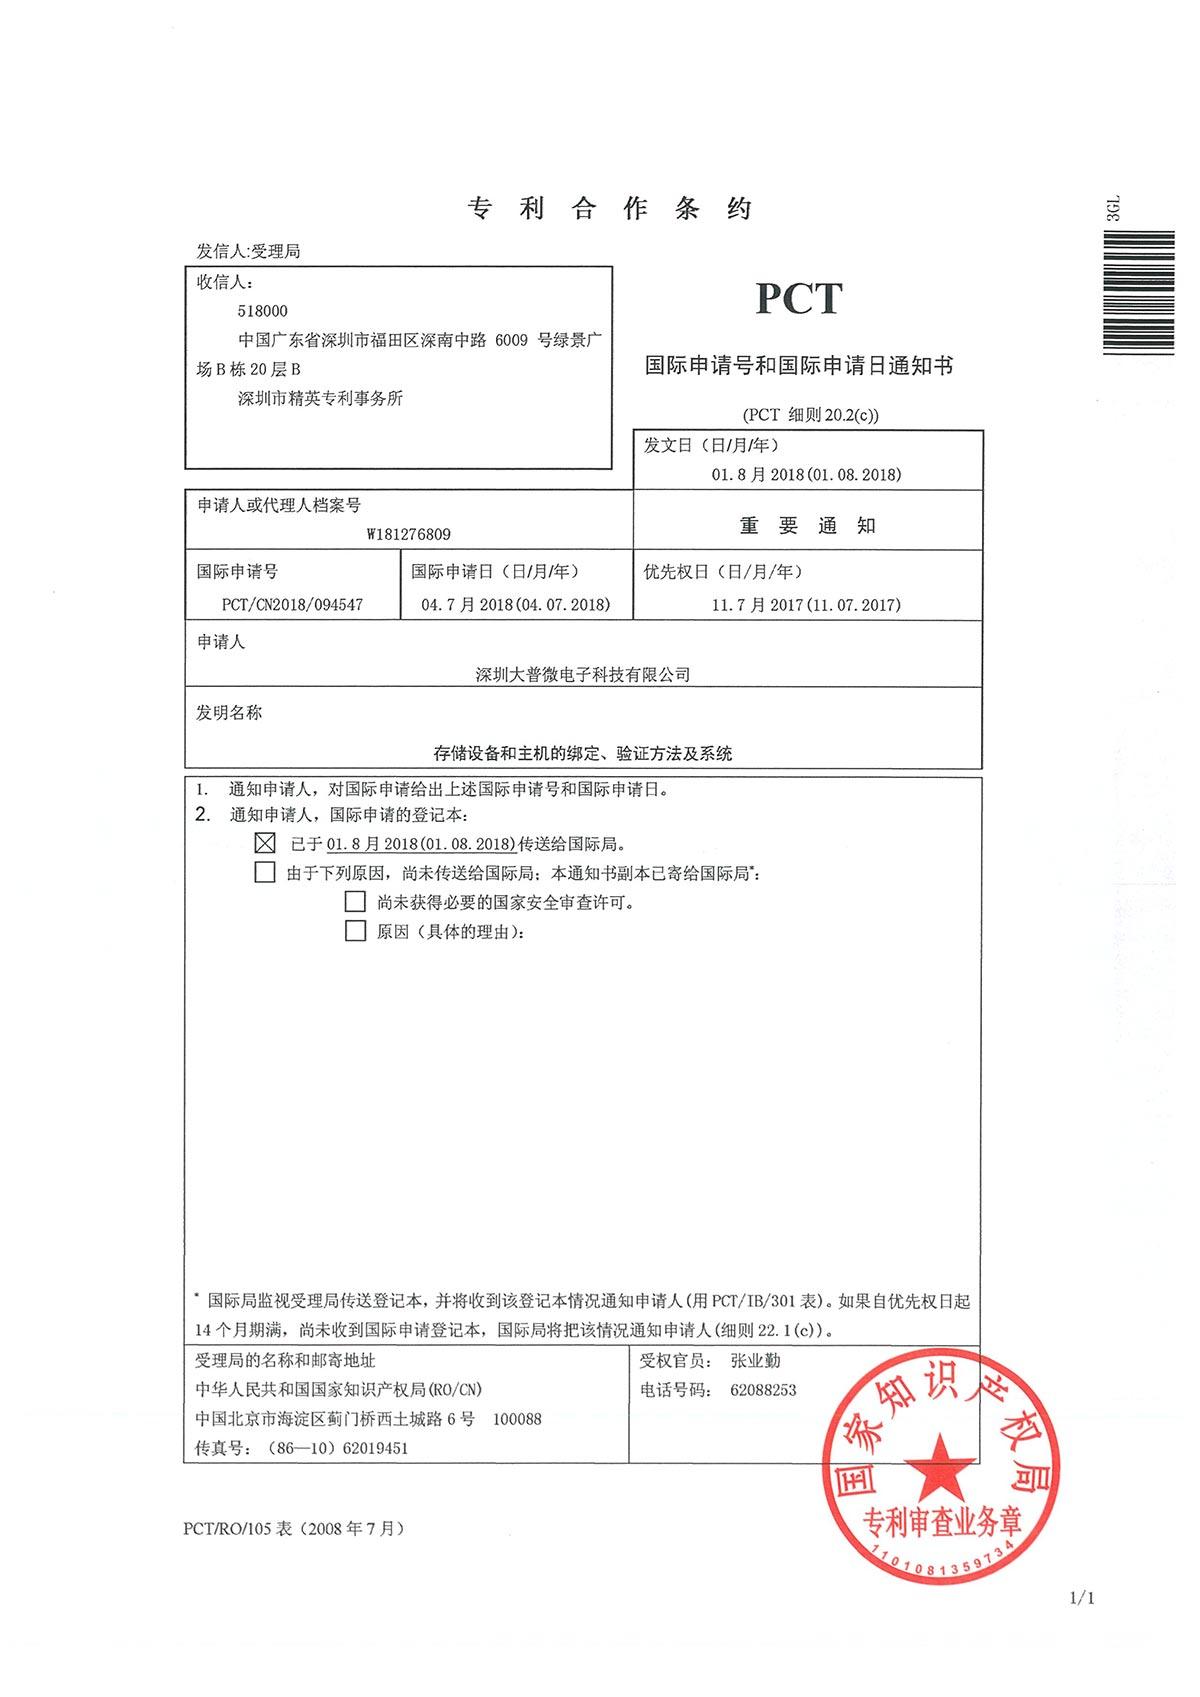 DPCT1-18001 国际申请号和申请日通知书